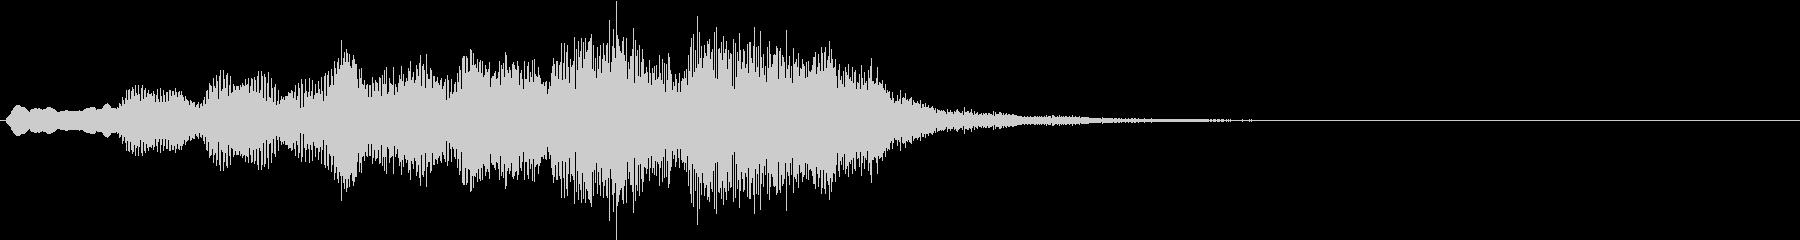 ボーイソプラノ6 アート芸術聖歌 6秒の未再生の波形